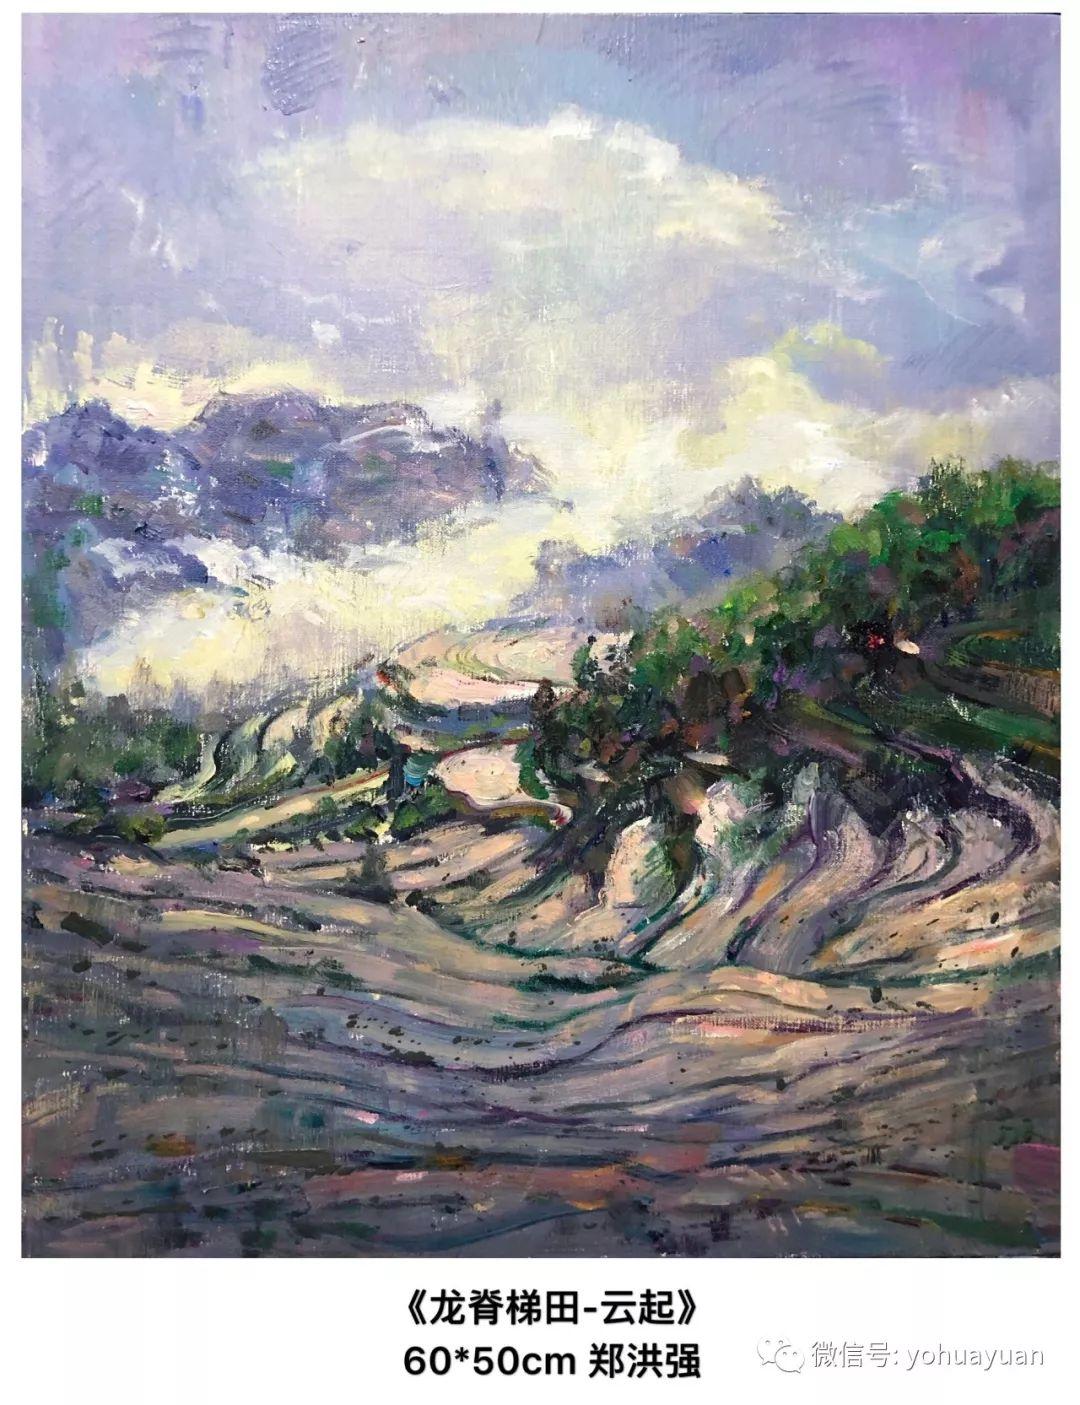 油画作品拍卖(内蒙古草原写生) 第26张 油画作品拍卖(内蒙古草原写生) 蒙古画廊